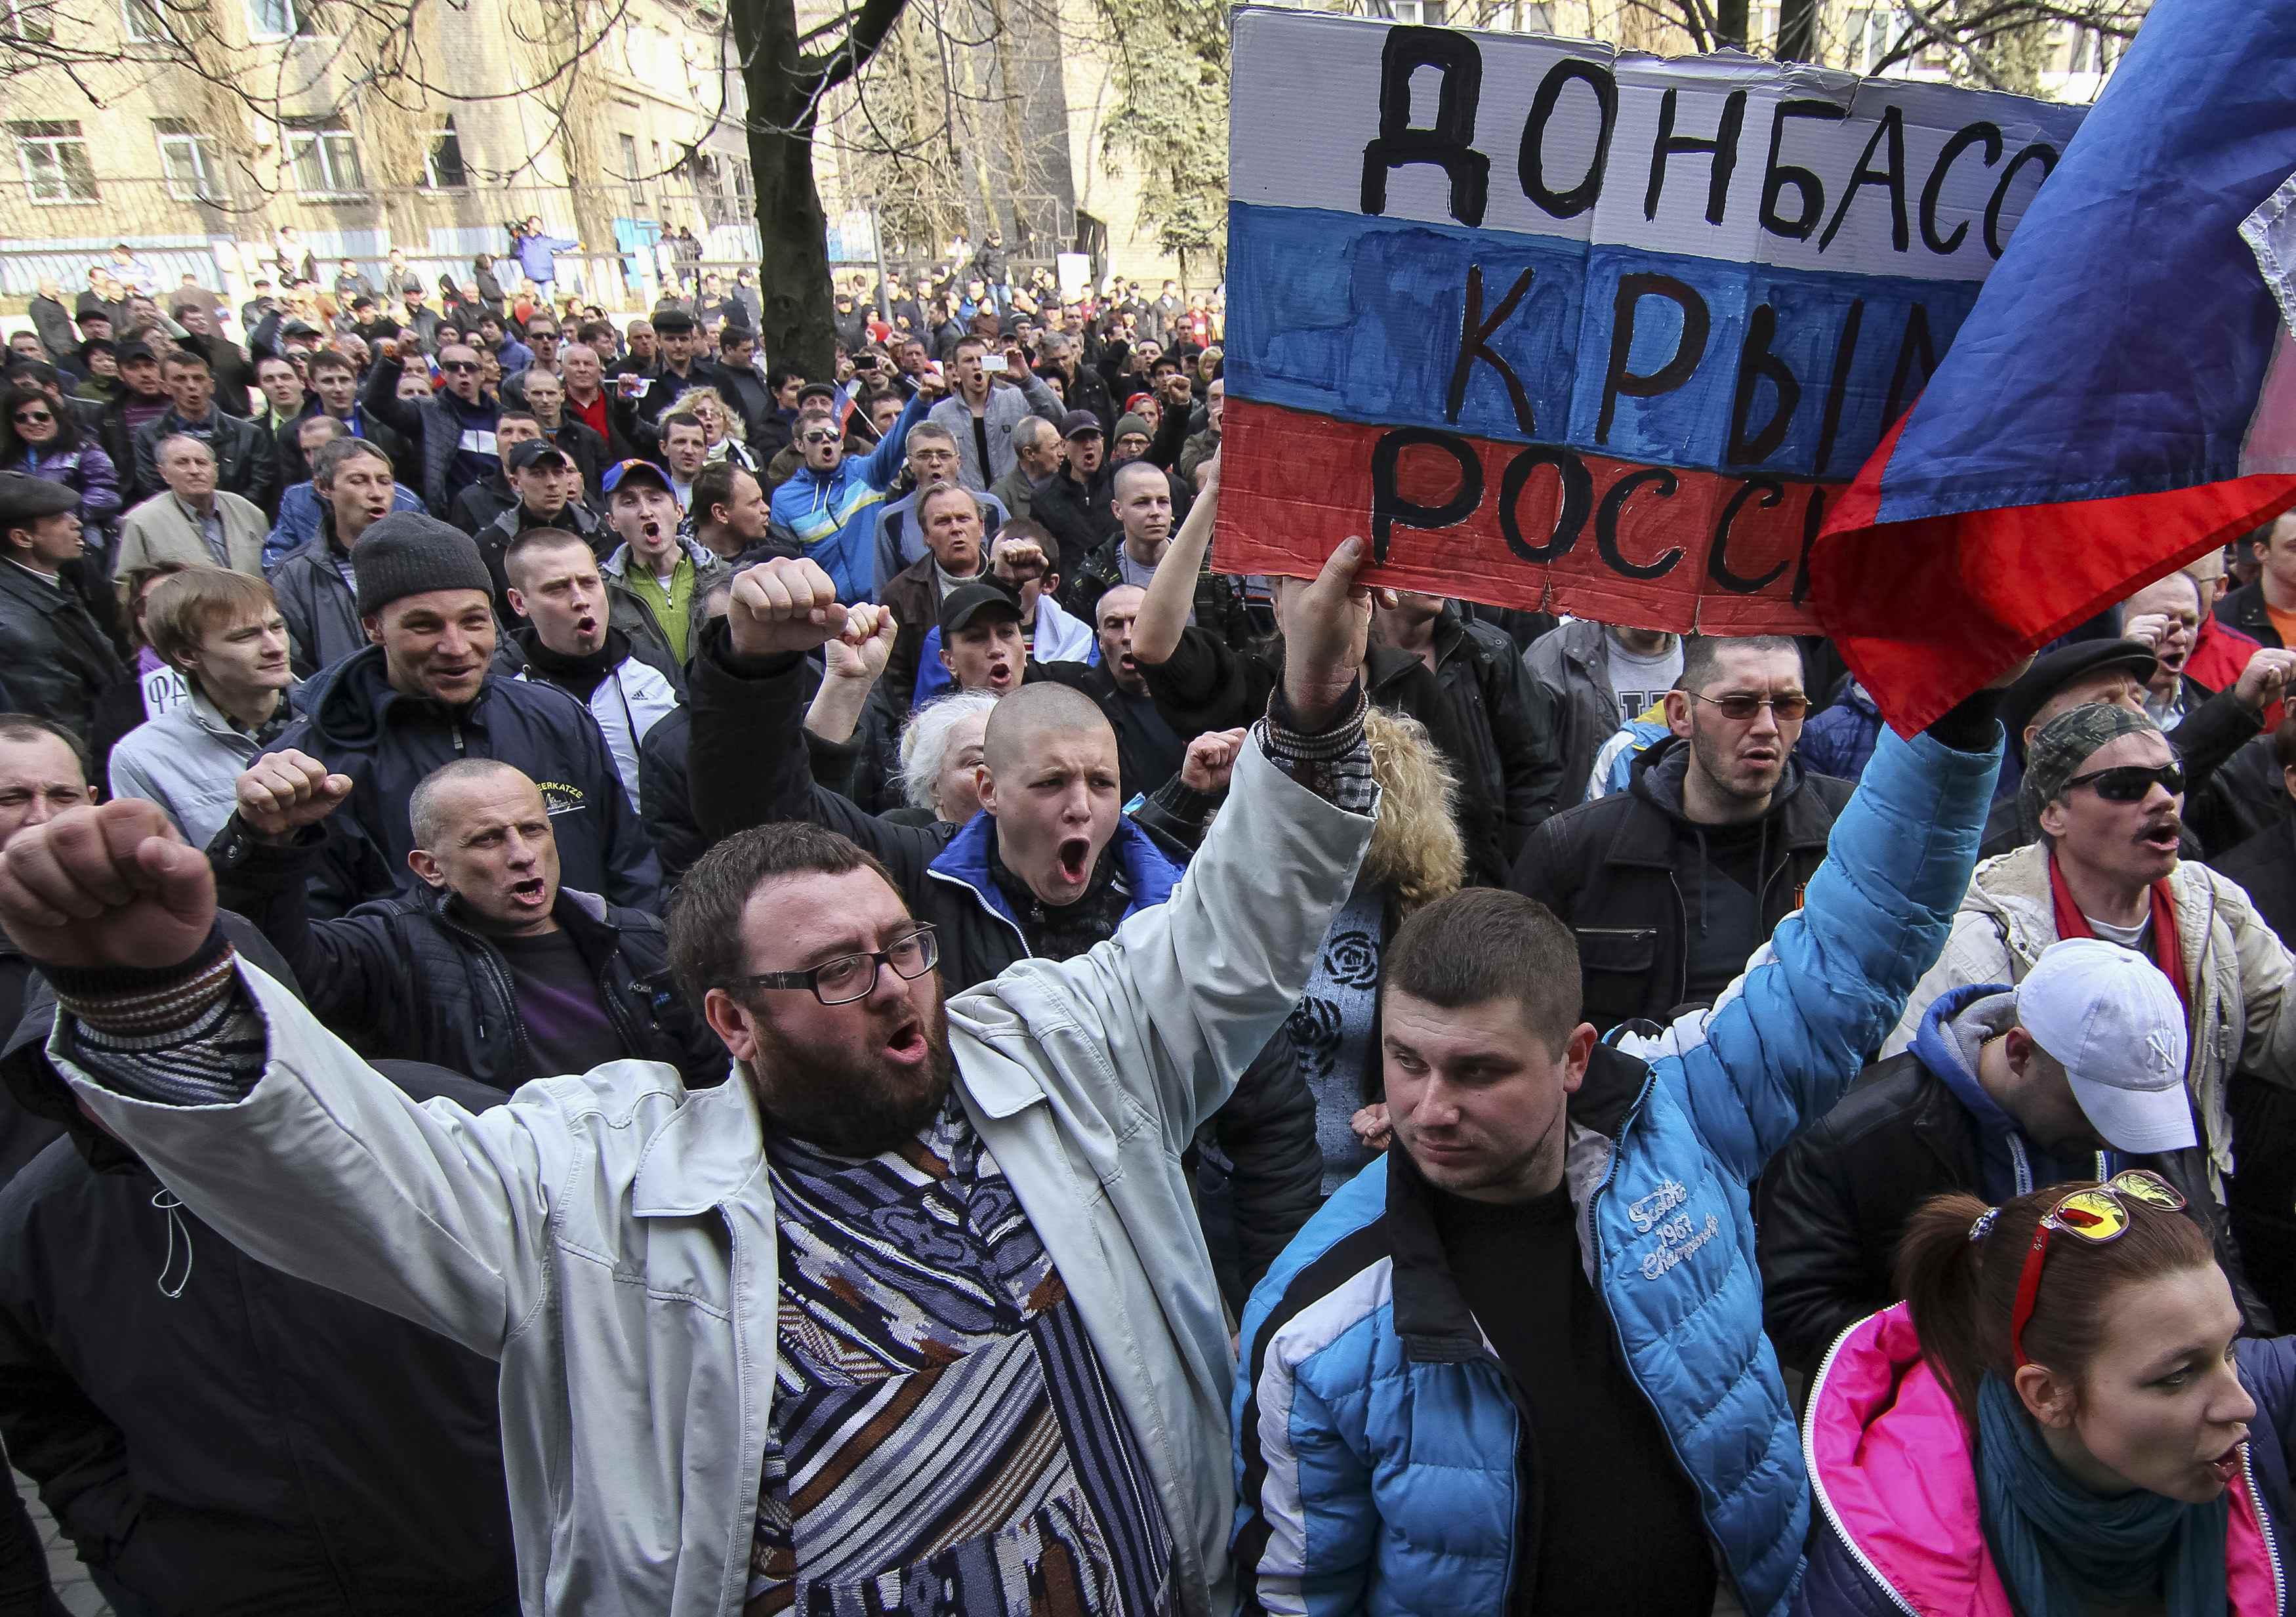 С начала года уже зарегистрировано 5 тыс. переселенцев с Донбасса, - ГосЧС - Цензор.НЕТ 5329